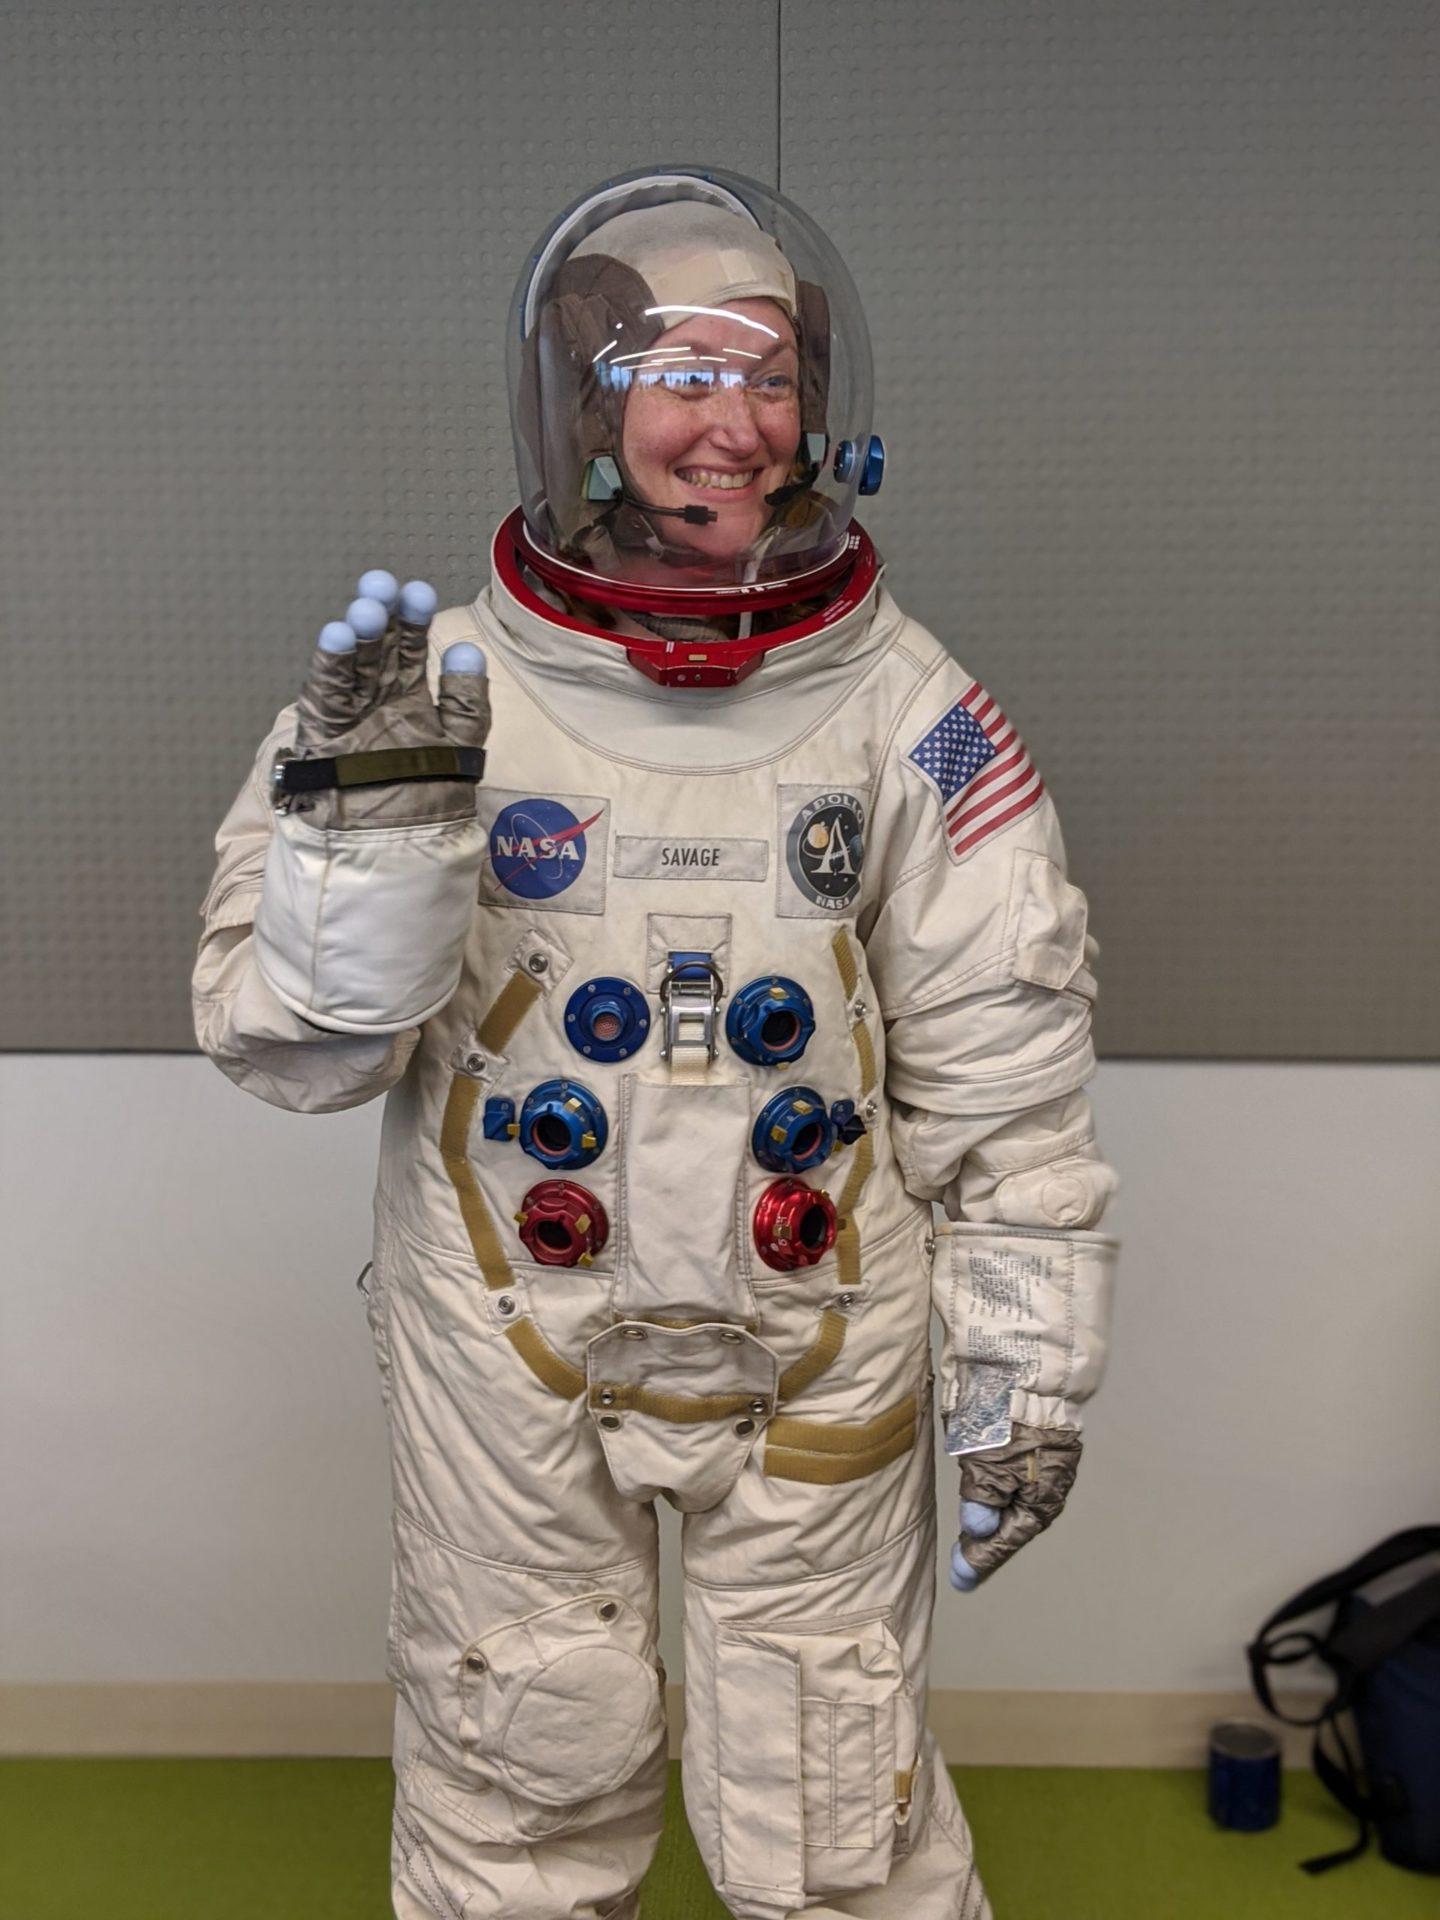 MRK in a Adam Savage's A7-L spacesuit replica